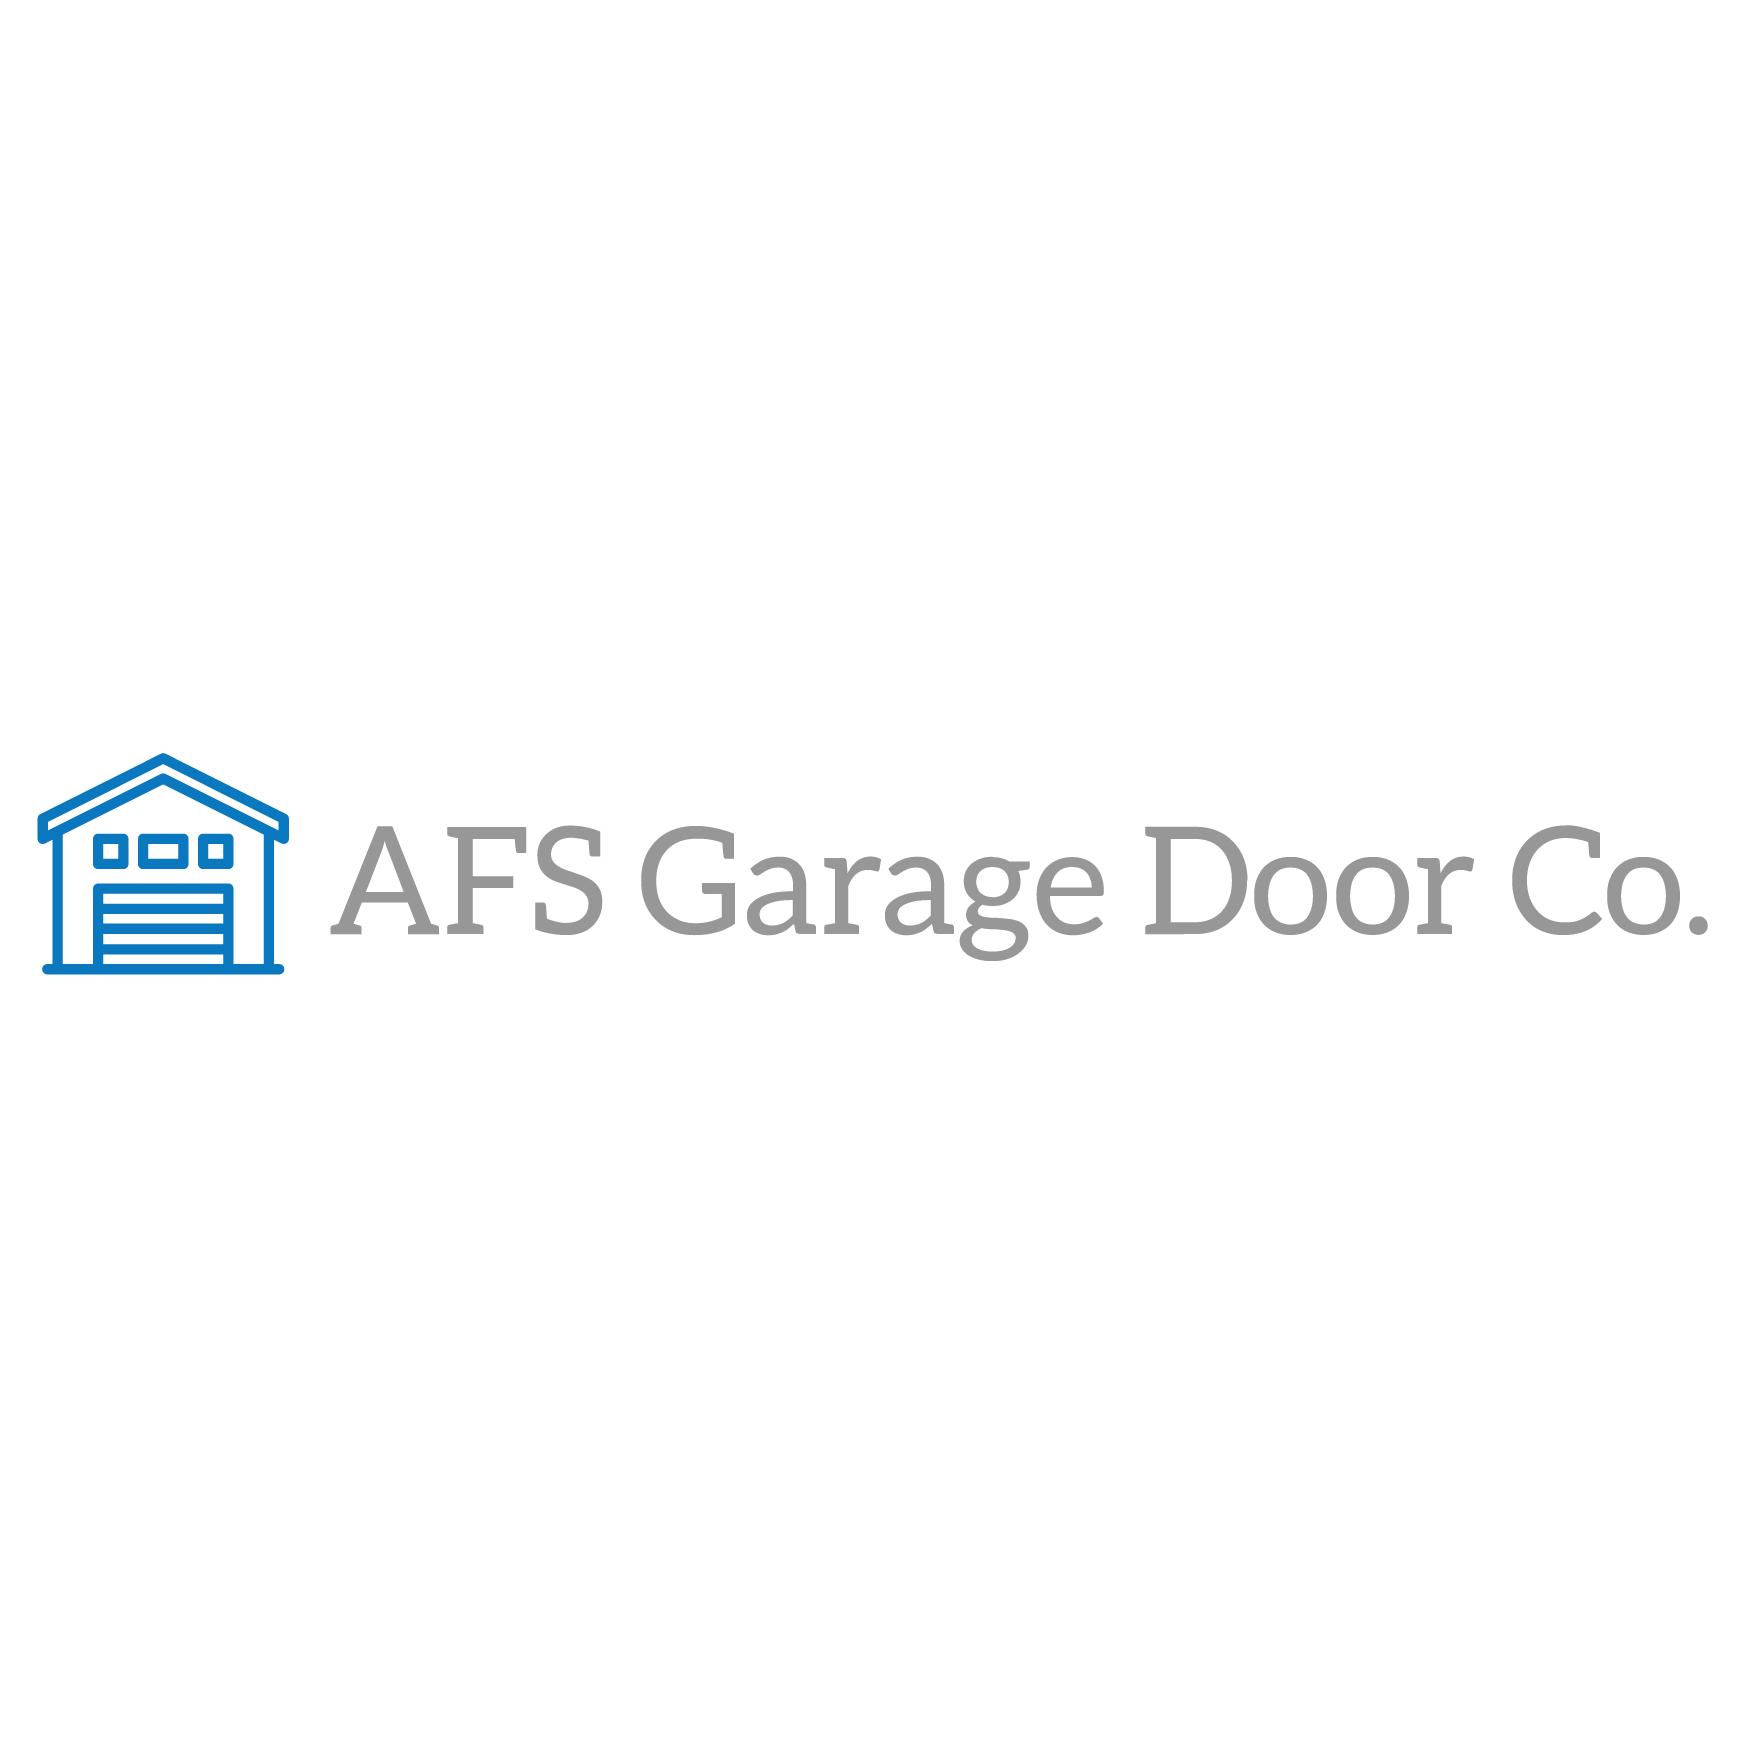 AFS Garage Door Co.